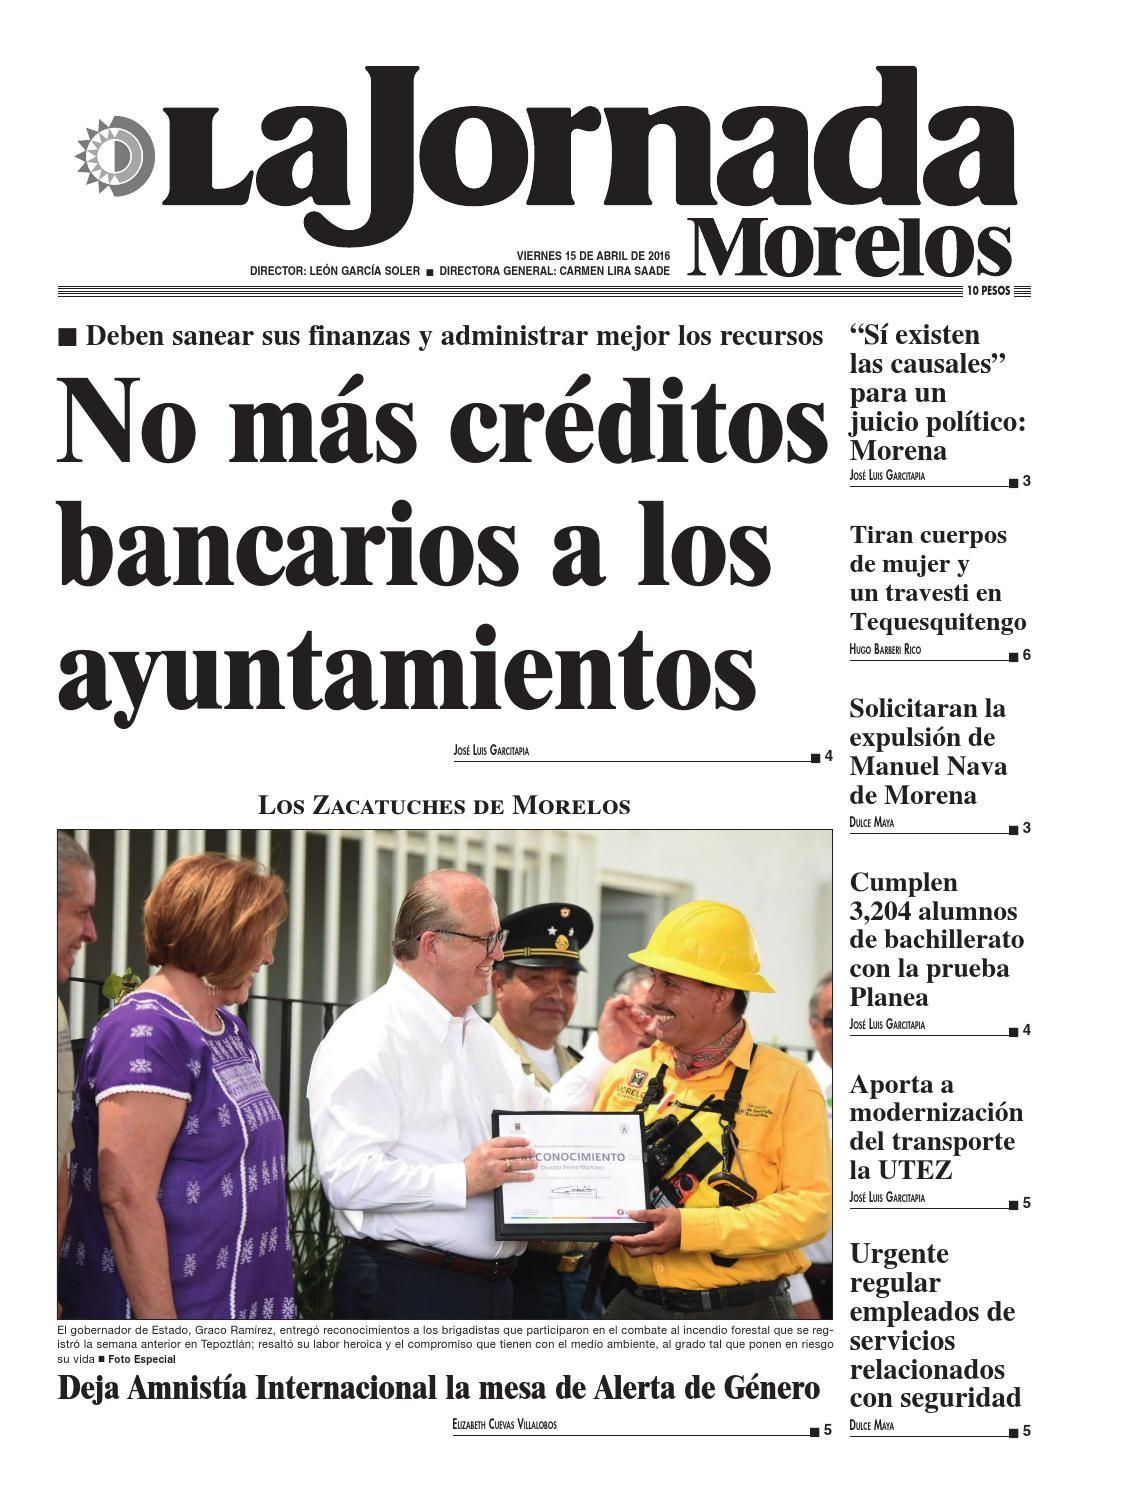 La Jornada Morelos (abril 15) by Gerardo Barreto - issuu 791752c26b0a2